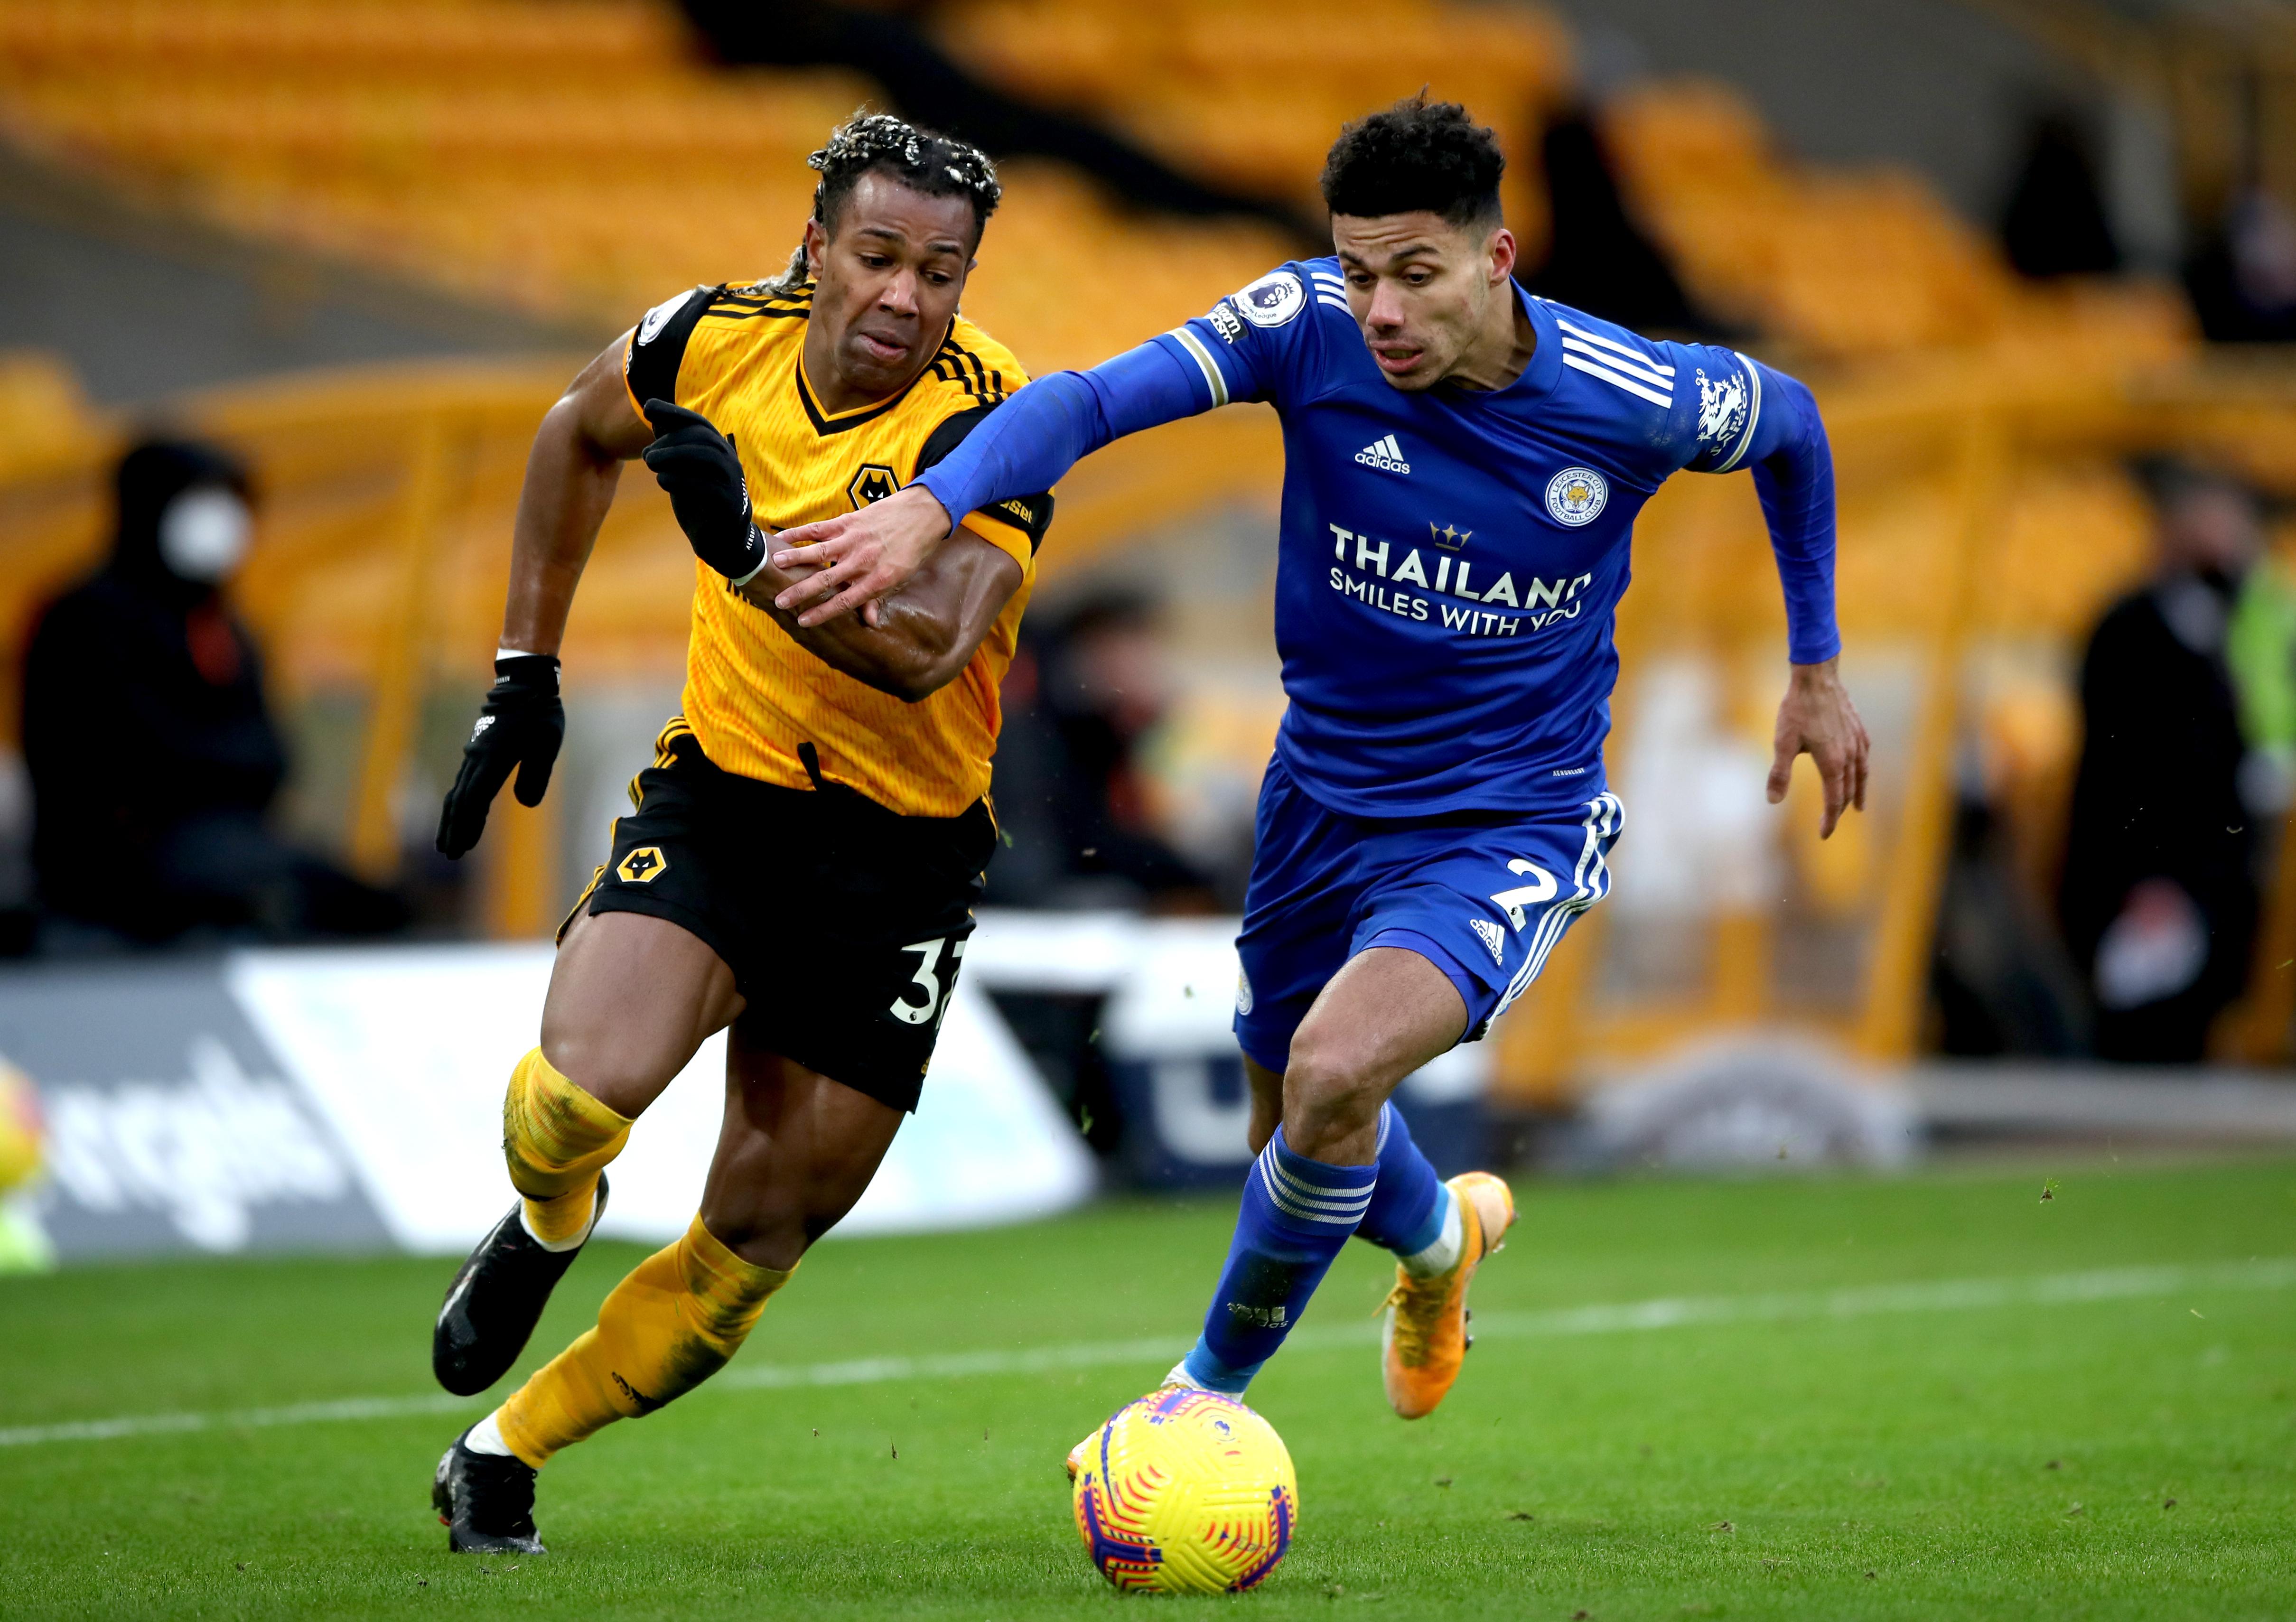 Wolverhampton Wanderers v Leicester City - Premier League - Molineux